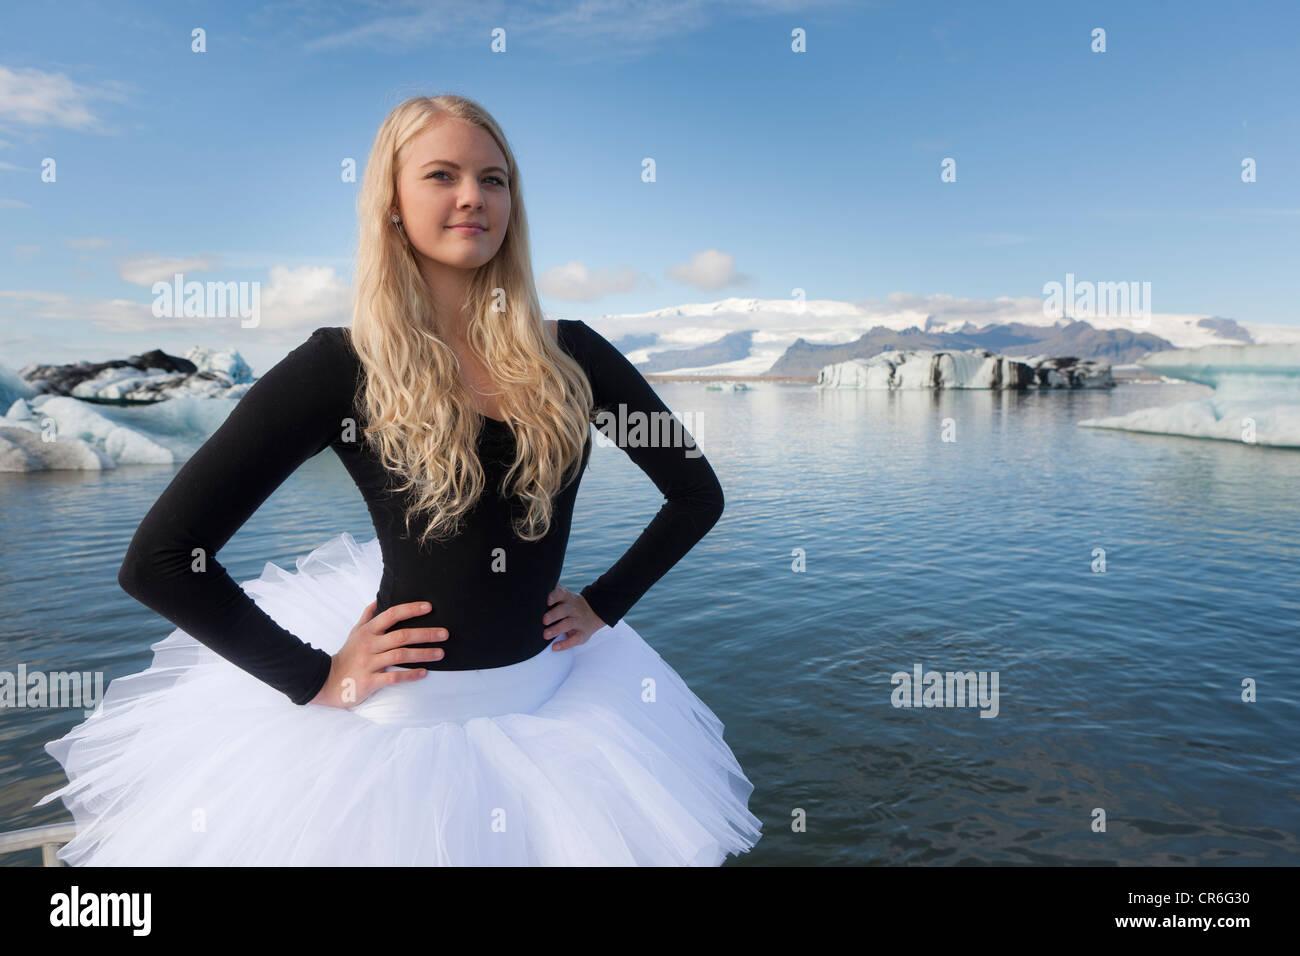 Islande Blog Fashion